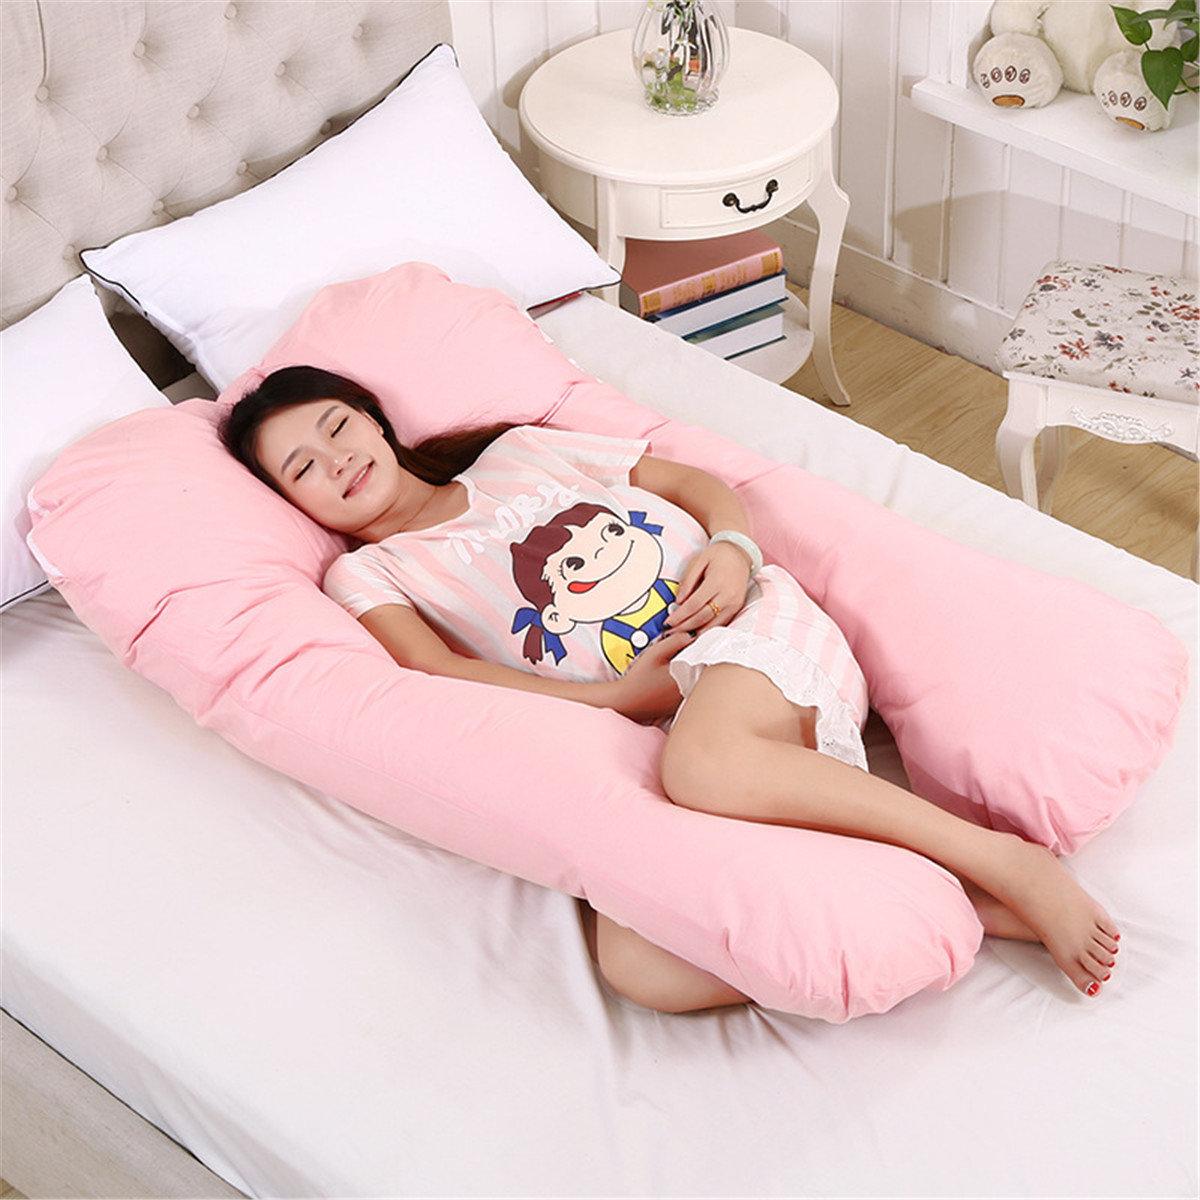 подушка для беременных какую выбрать